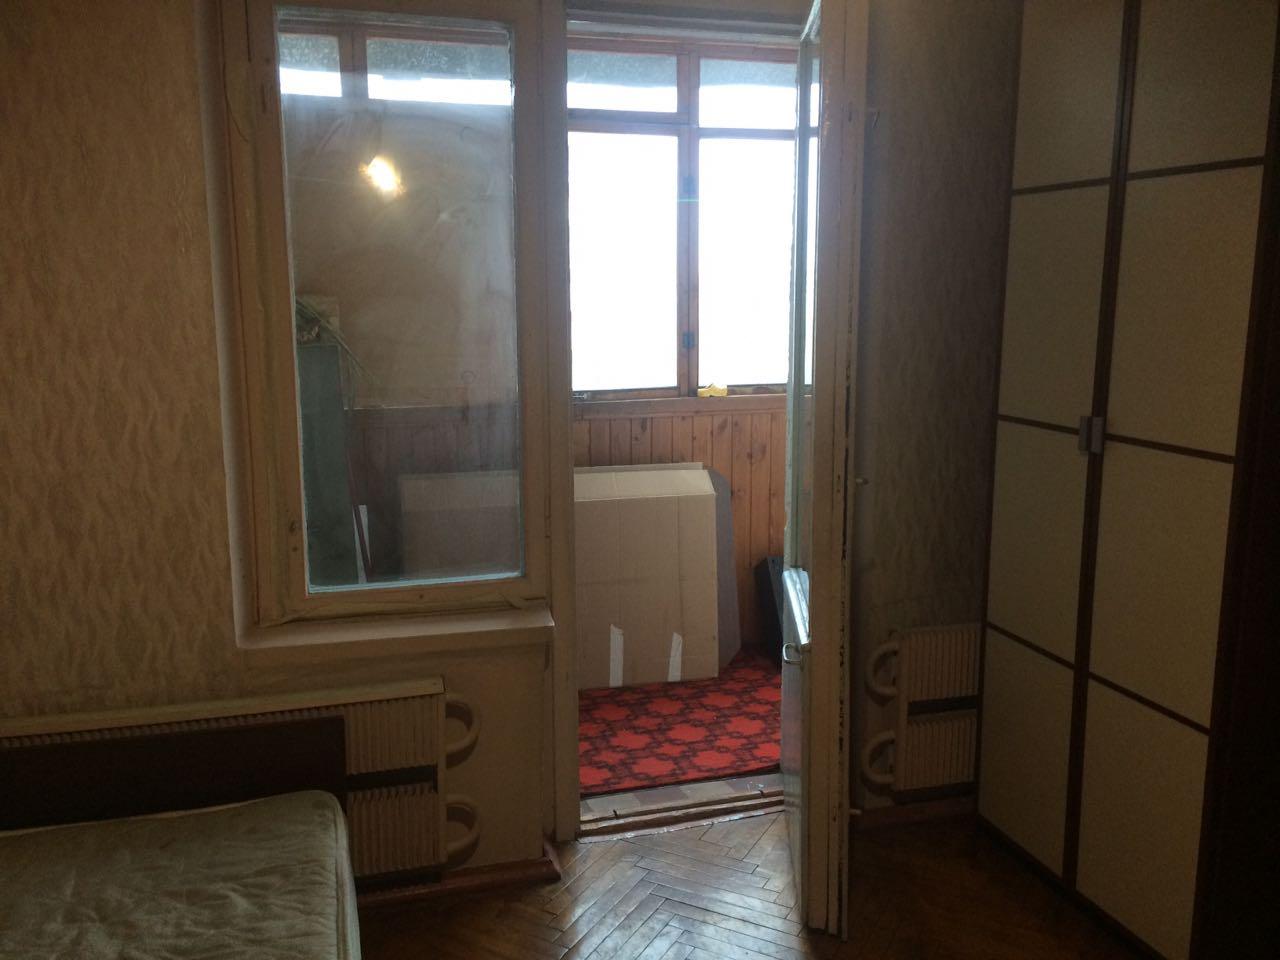 Сдам в аренду 2-комн. квартиру, Москва город, Шоссейная улица, 32